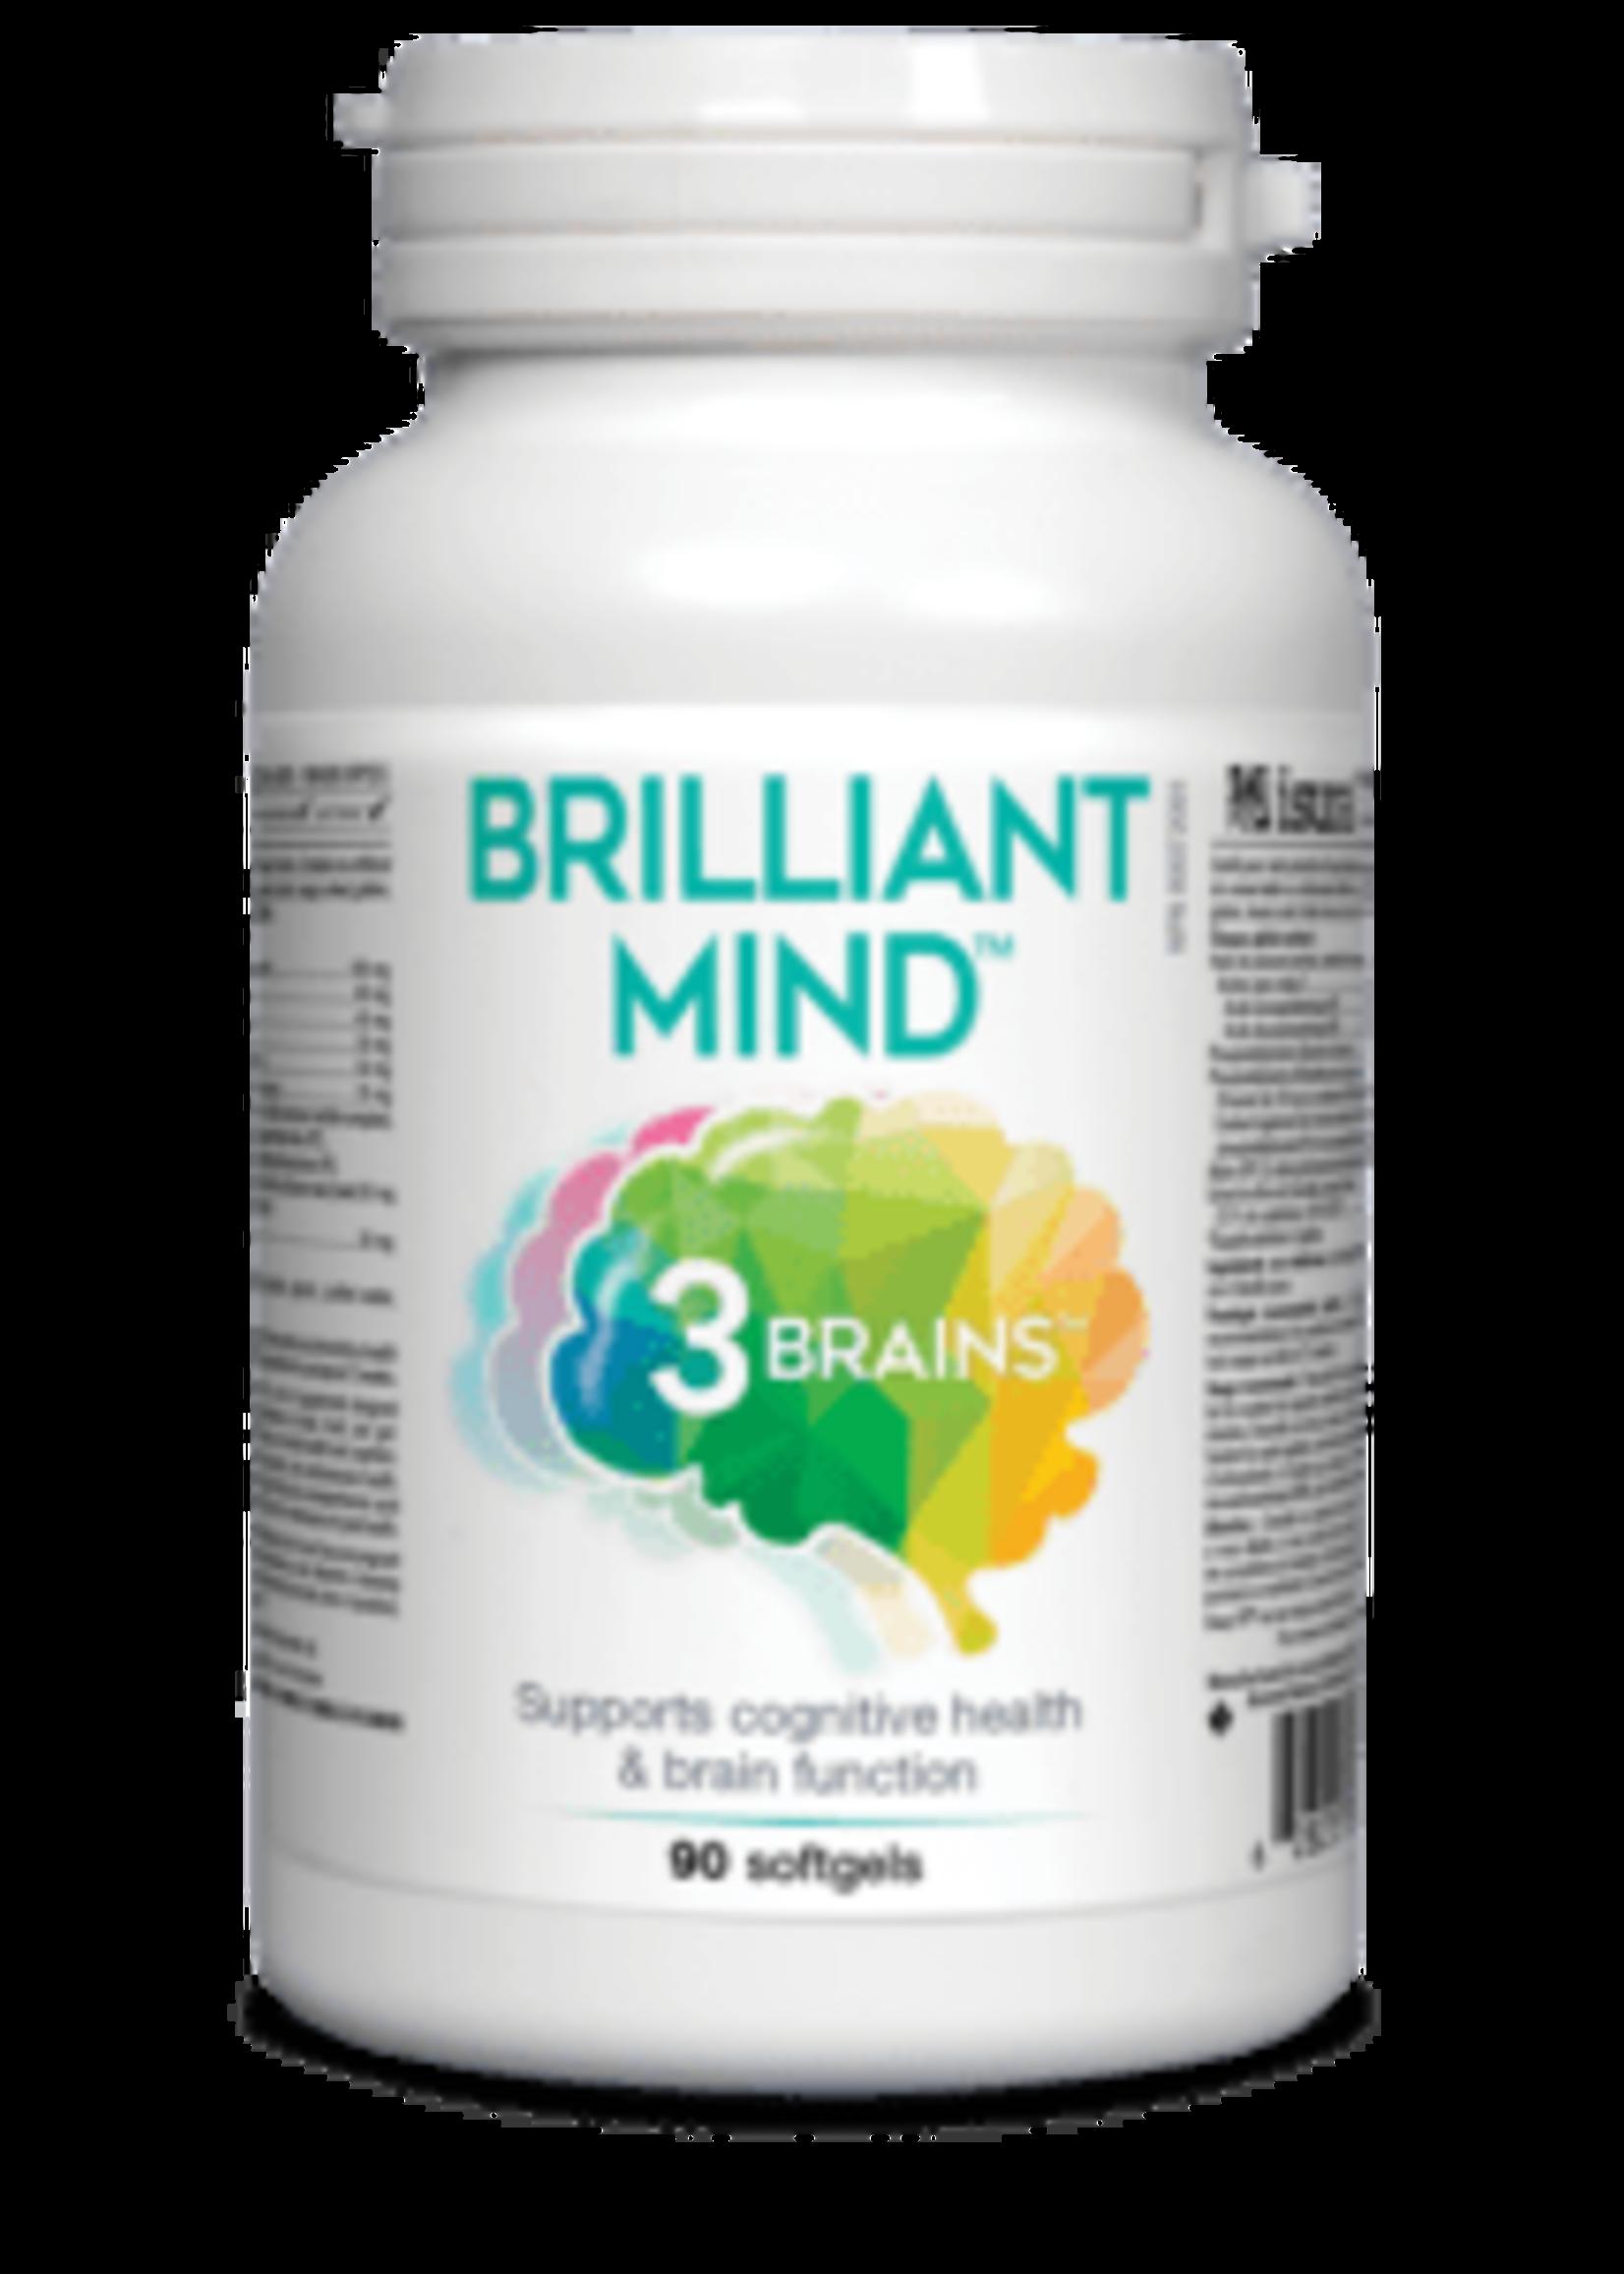 3 Brains 3 Brains Brilliant Mind 90 sgs